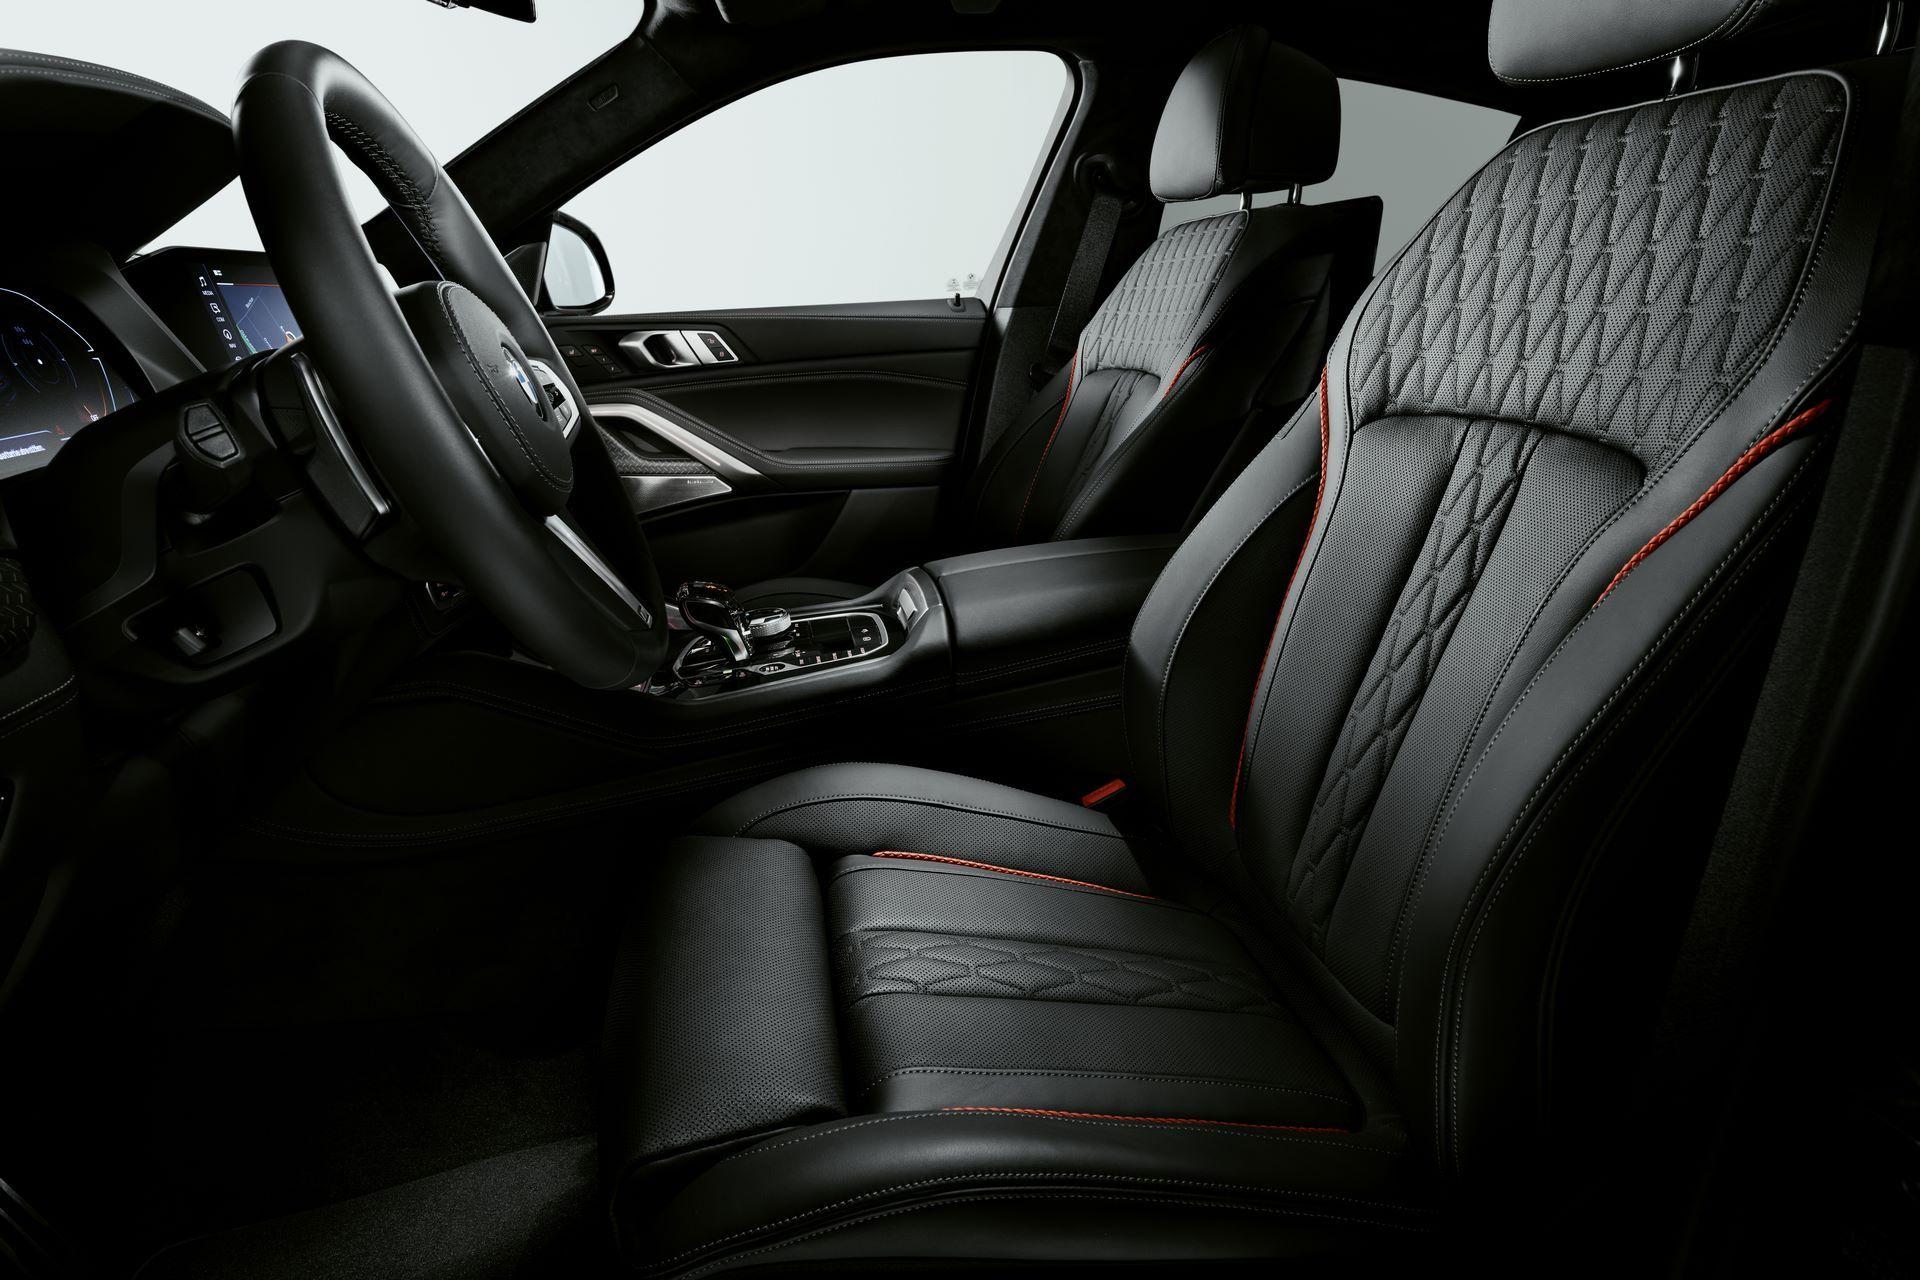 BMW-X5-Χ6-Black-Vermilion-X7-Limited-Edition-44